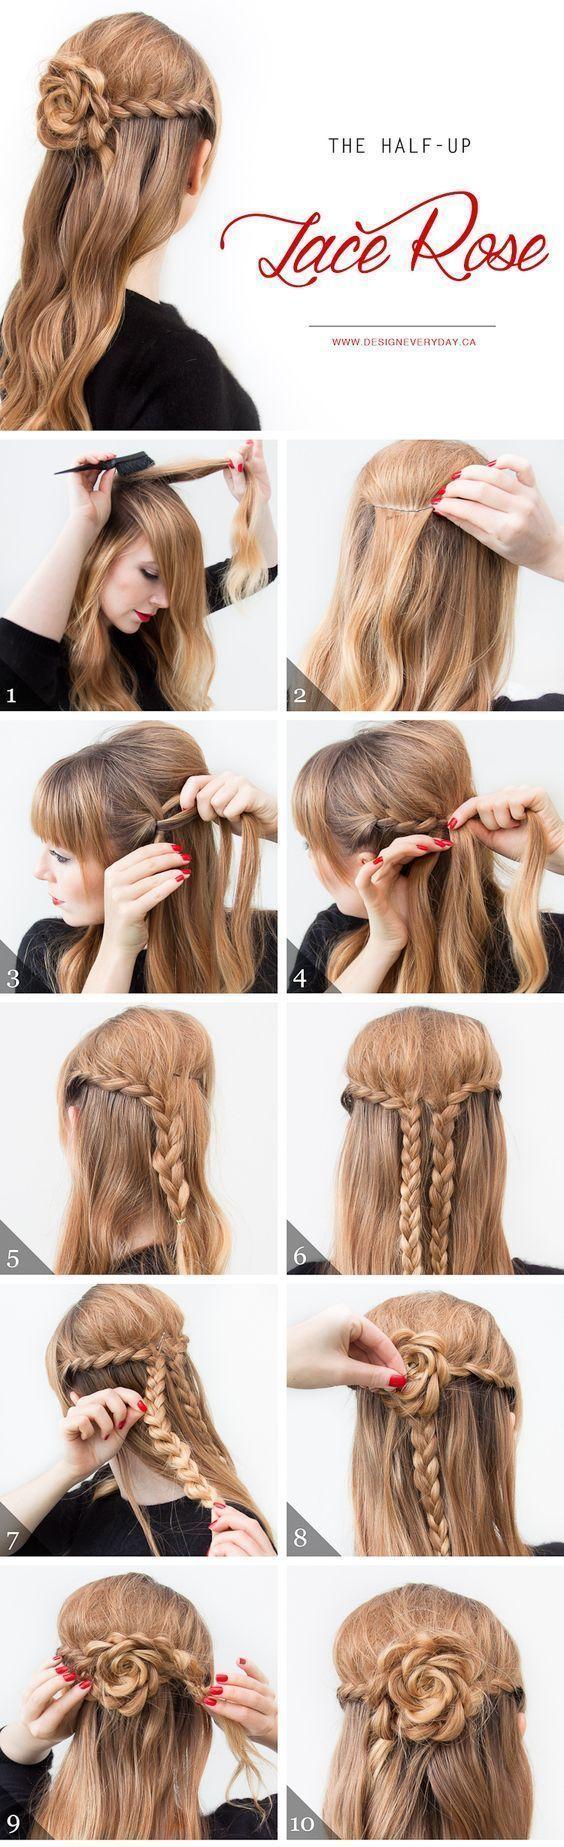 60 facili tutorial passo-passo sui capelli per capelli lunghi, medi e corti passo dopo passo hai …